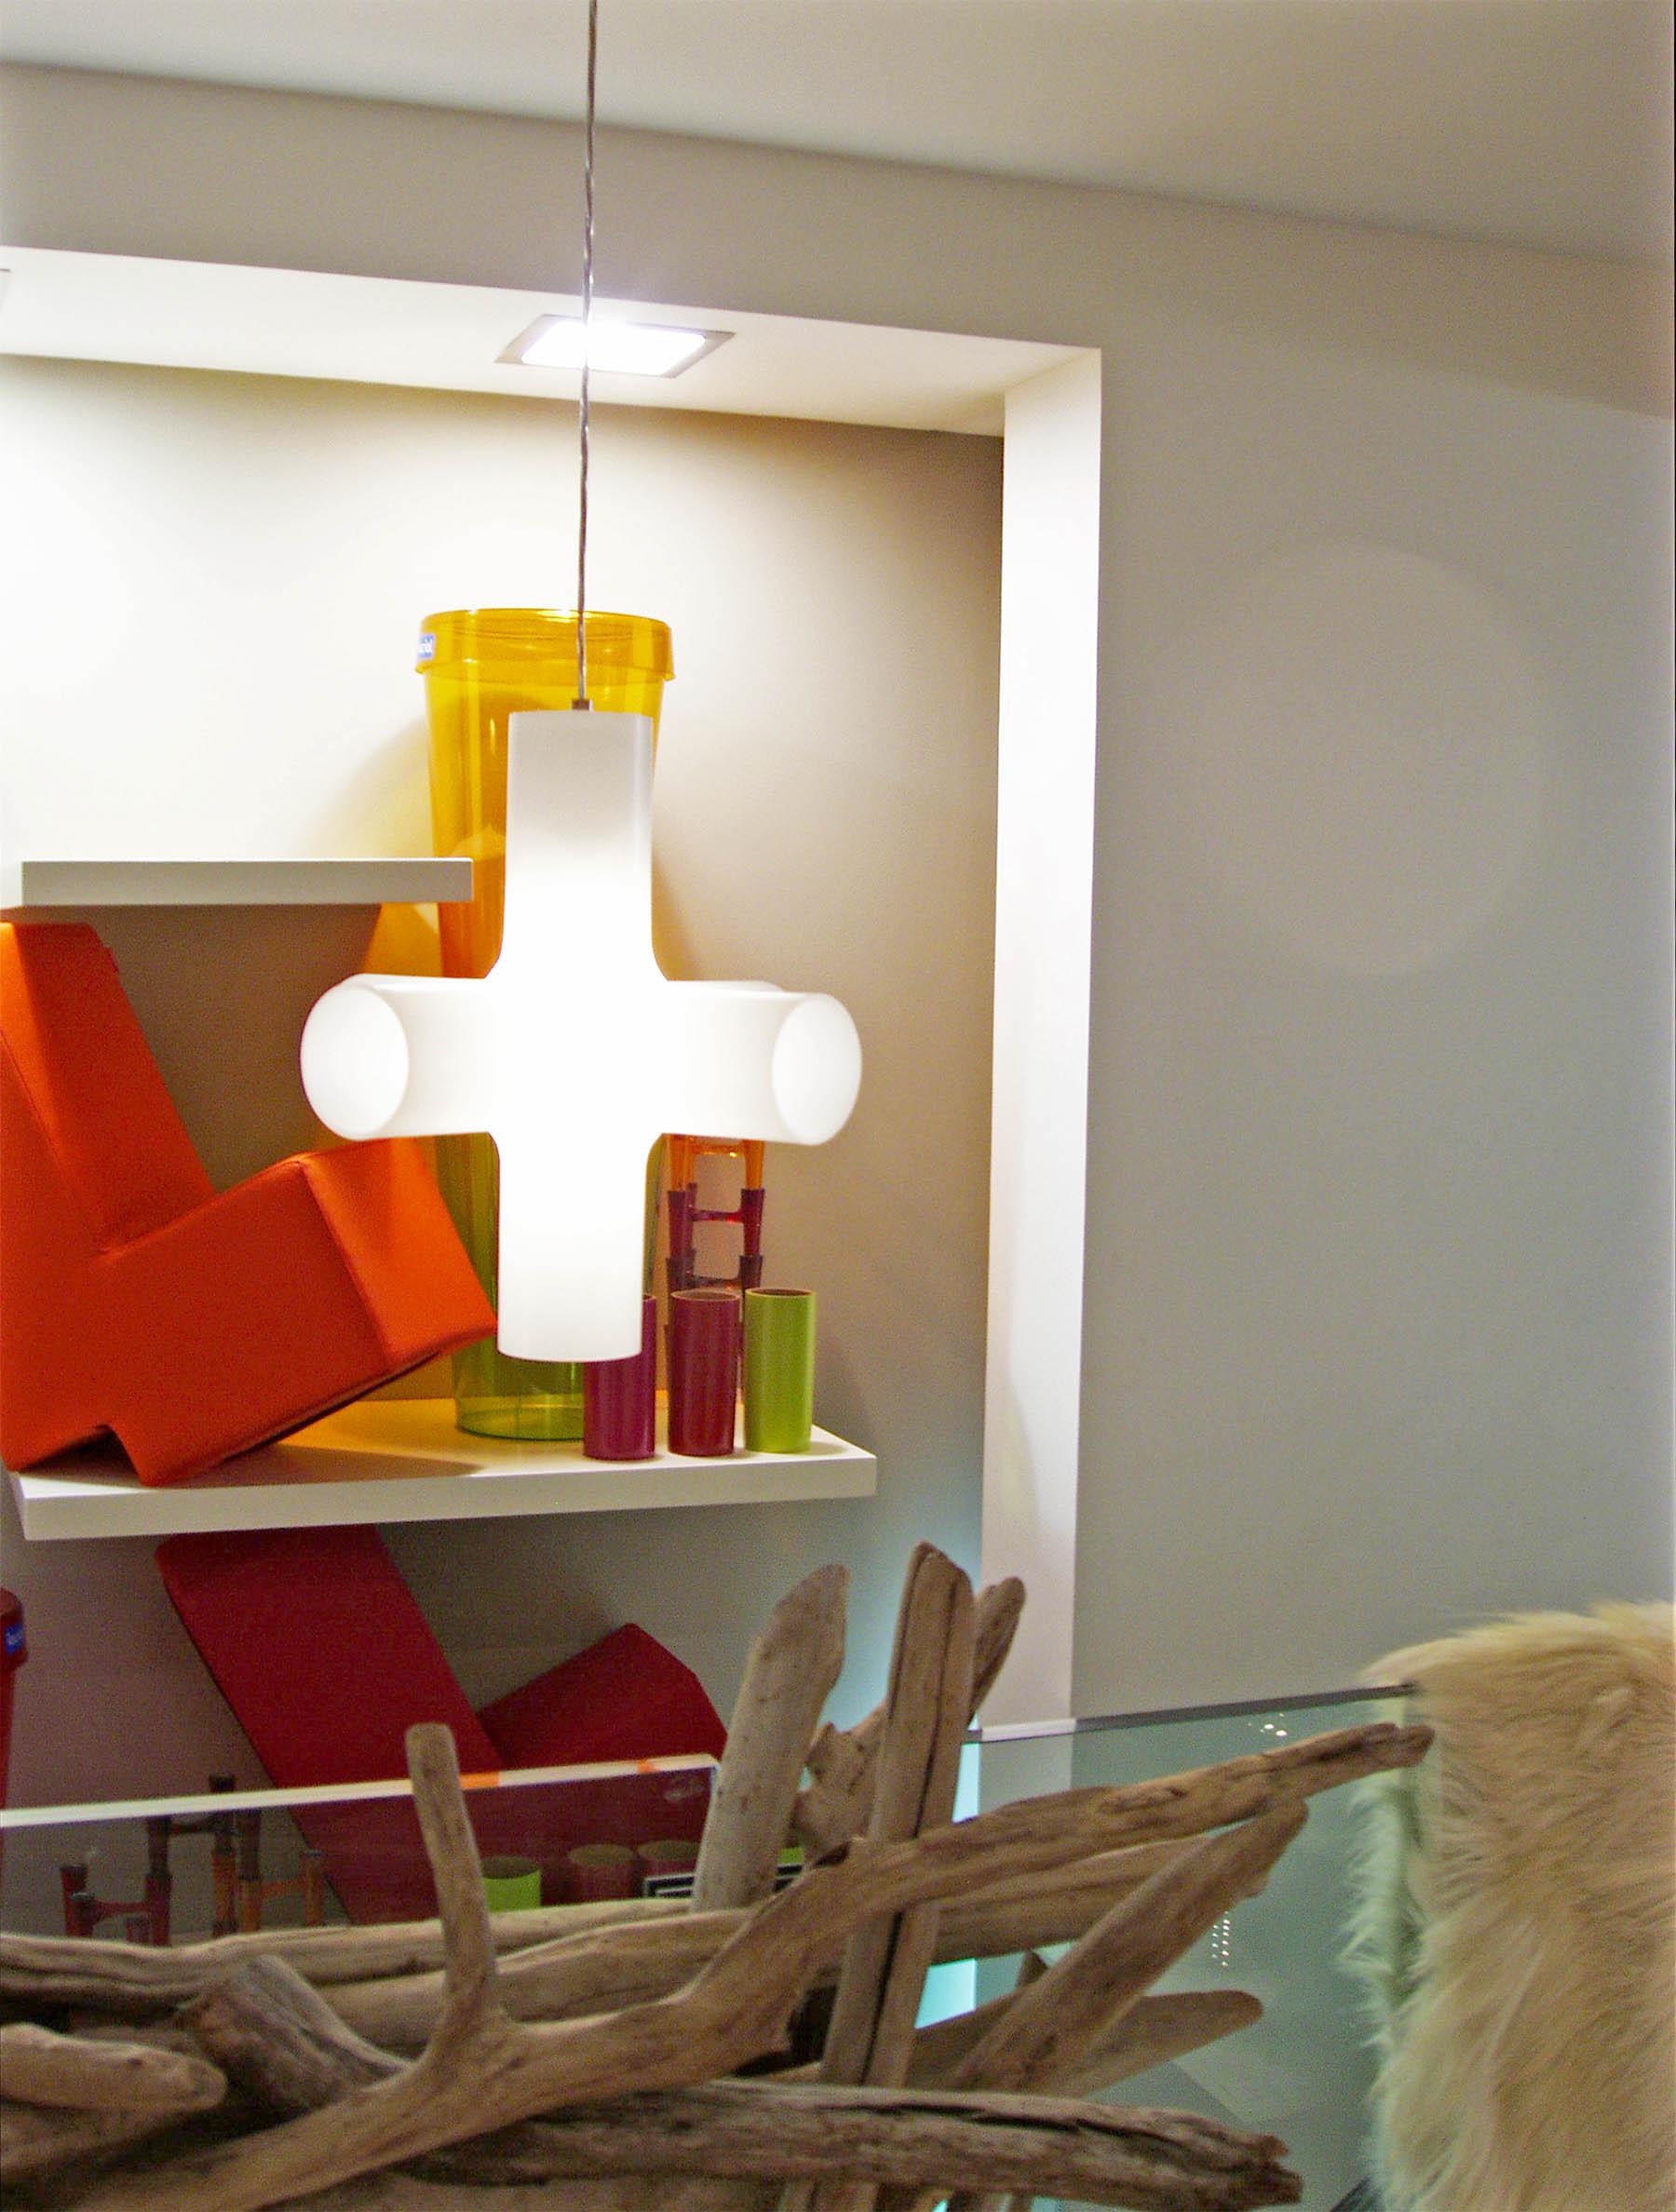 Showroom-A-La-Maison-06.jpg